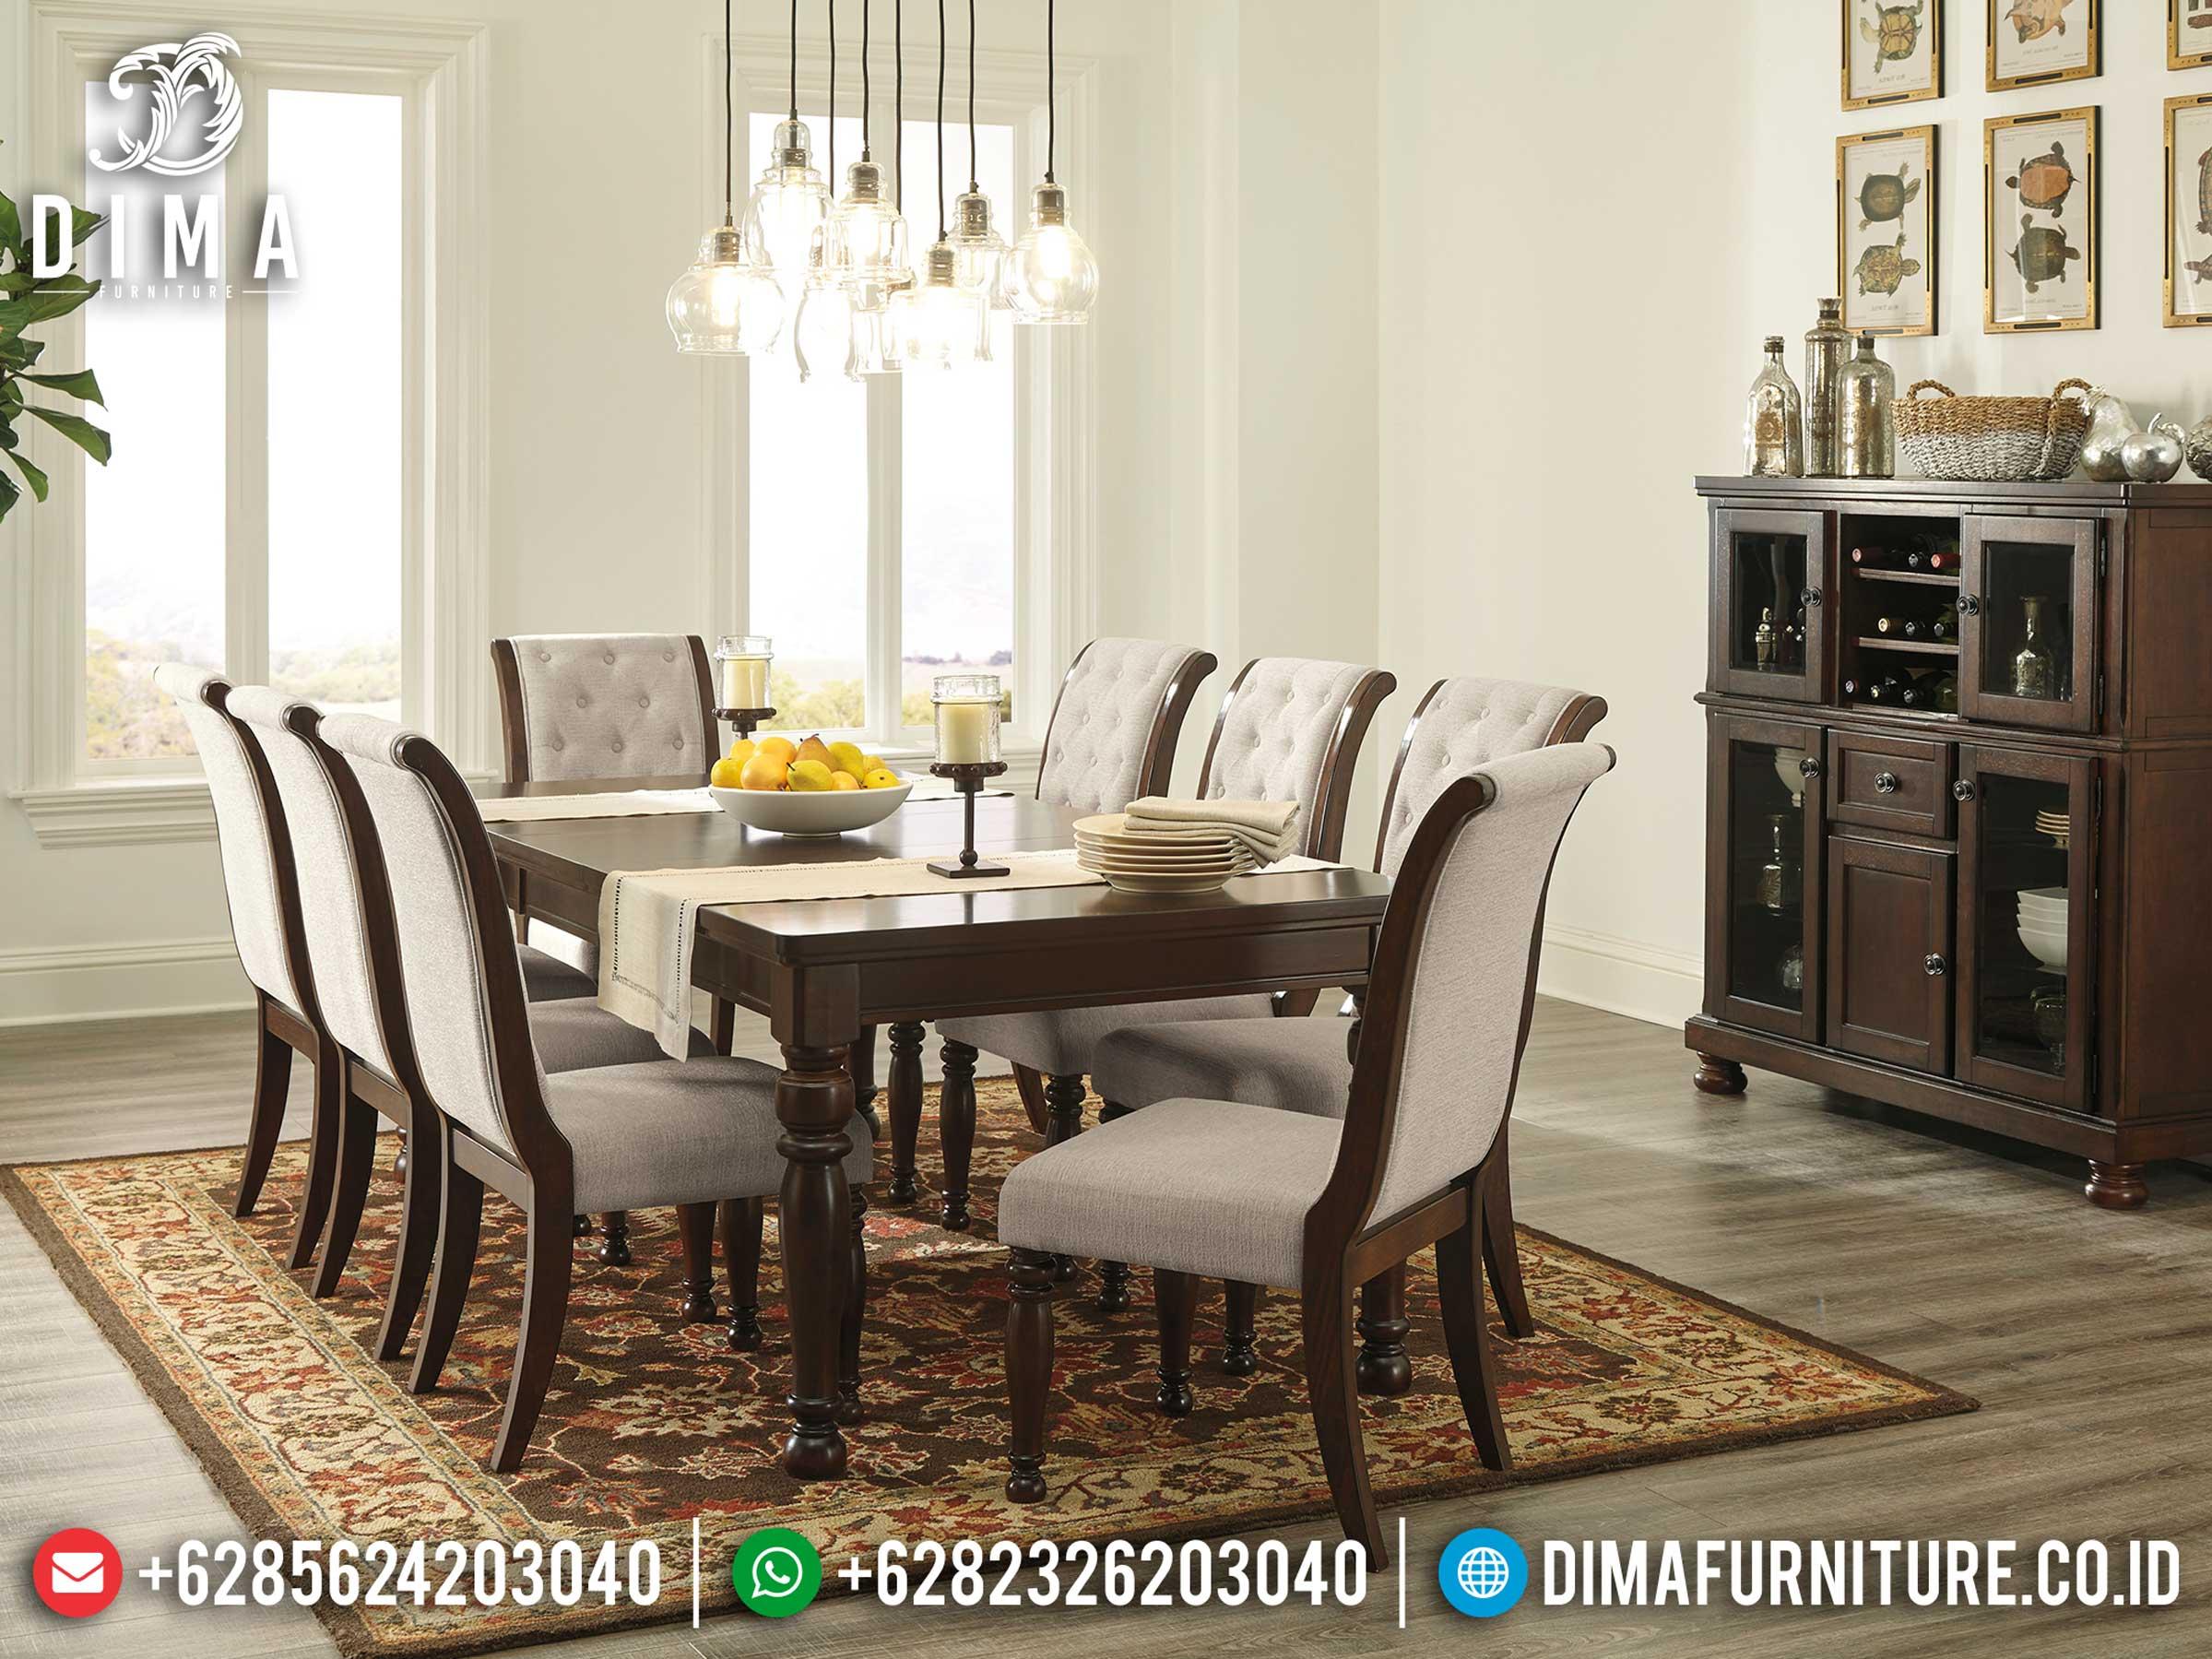 Jual Meja Makan Minimalis Natural Classic Luxury New Design 2021 ST-0921